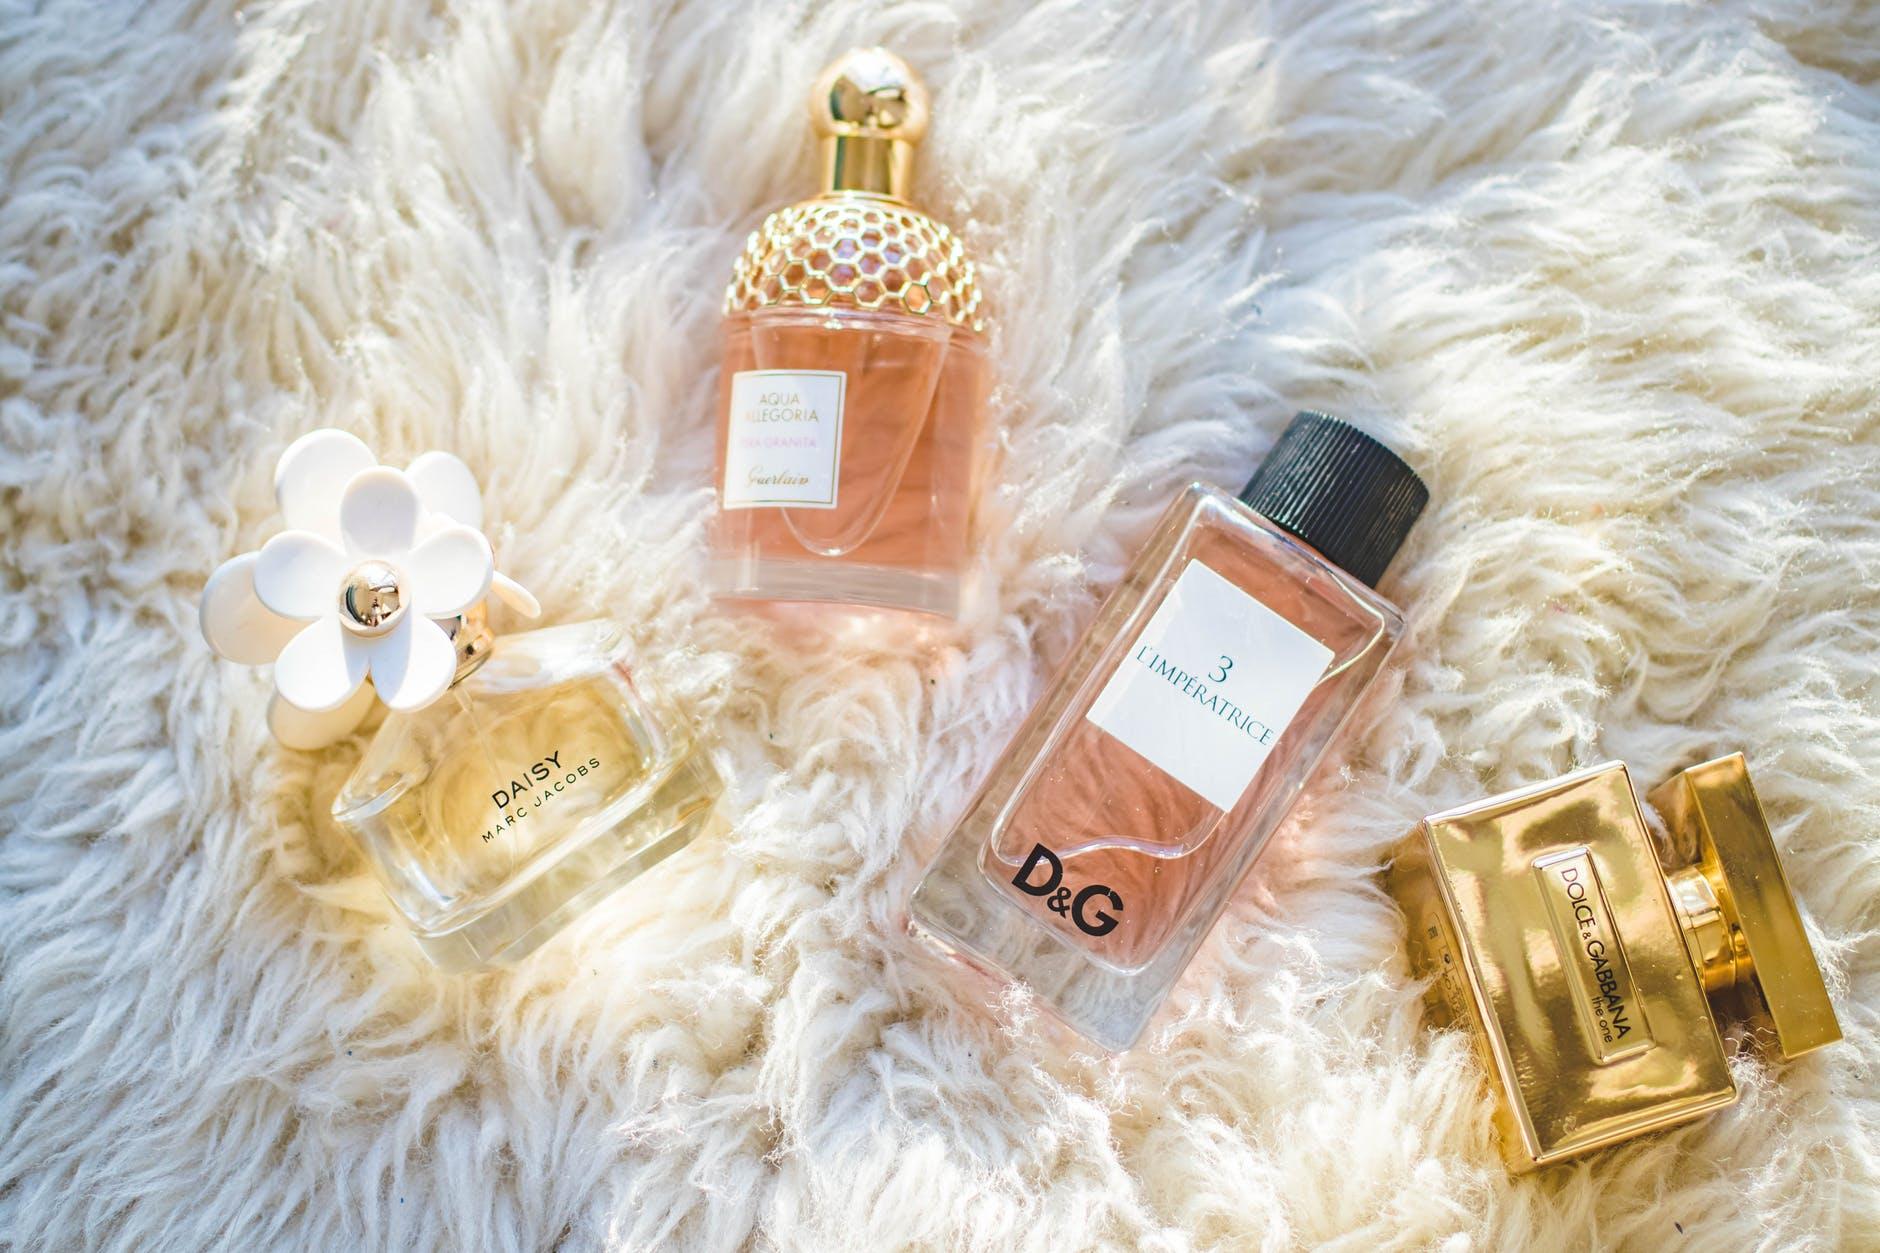 Quelle est la tendance de parfums pour femme de grandes marques à petit prix ?